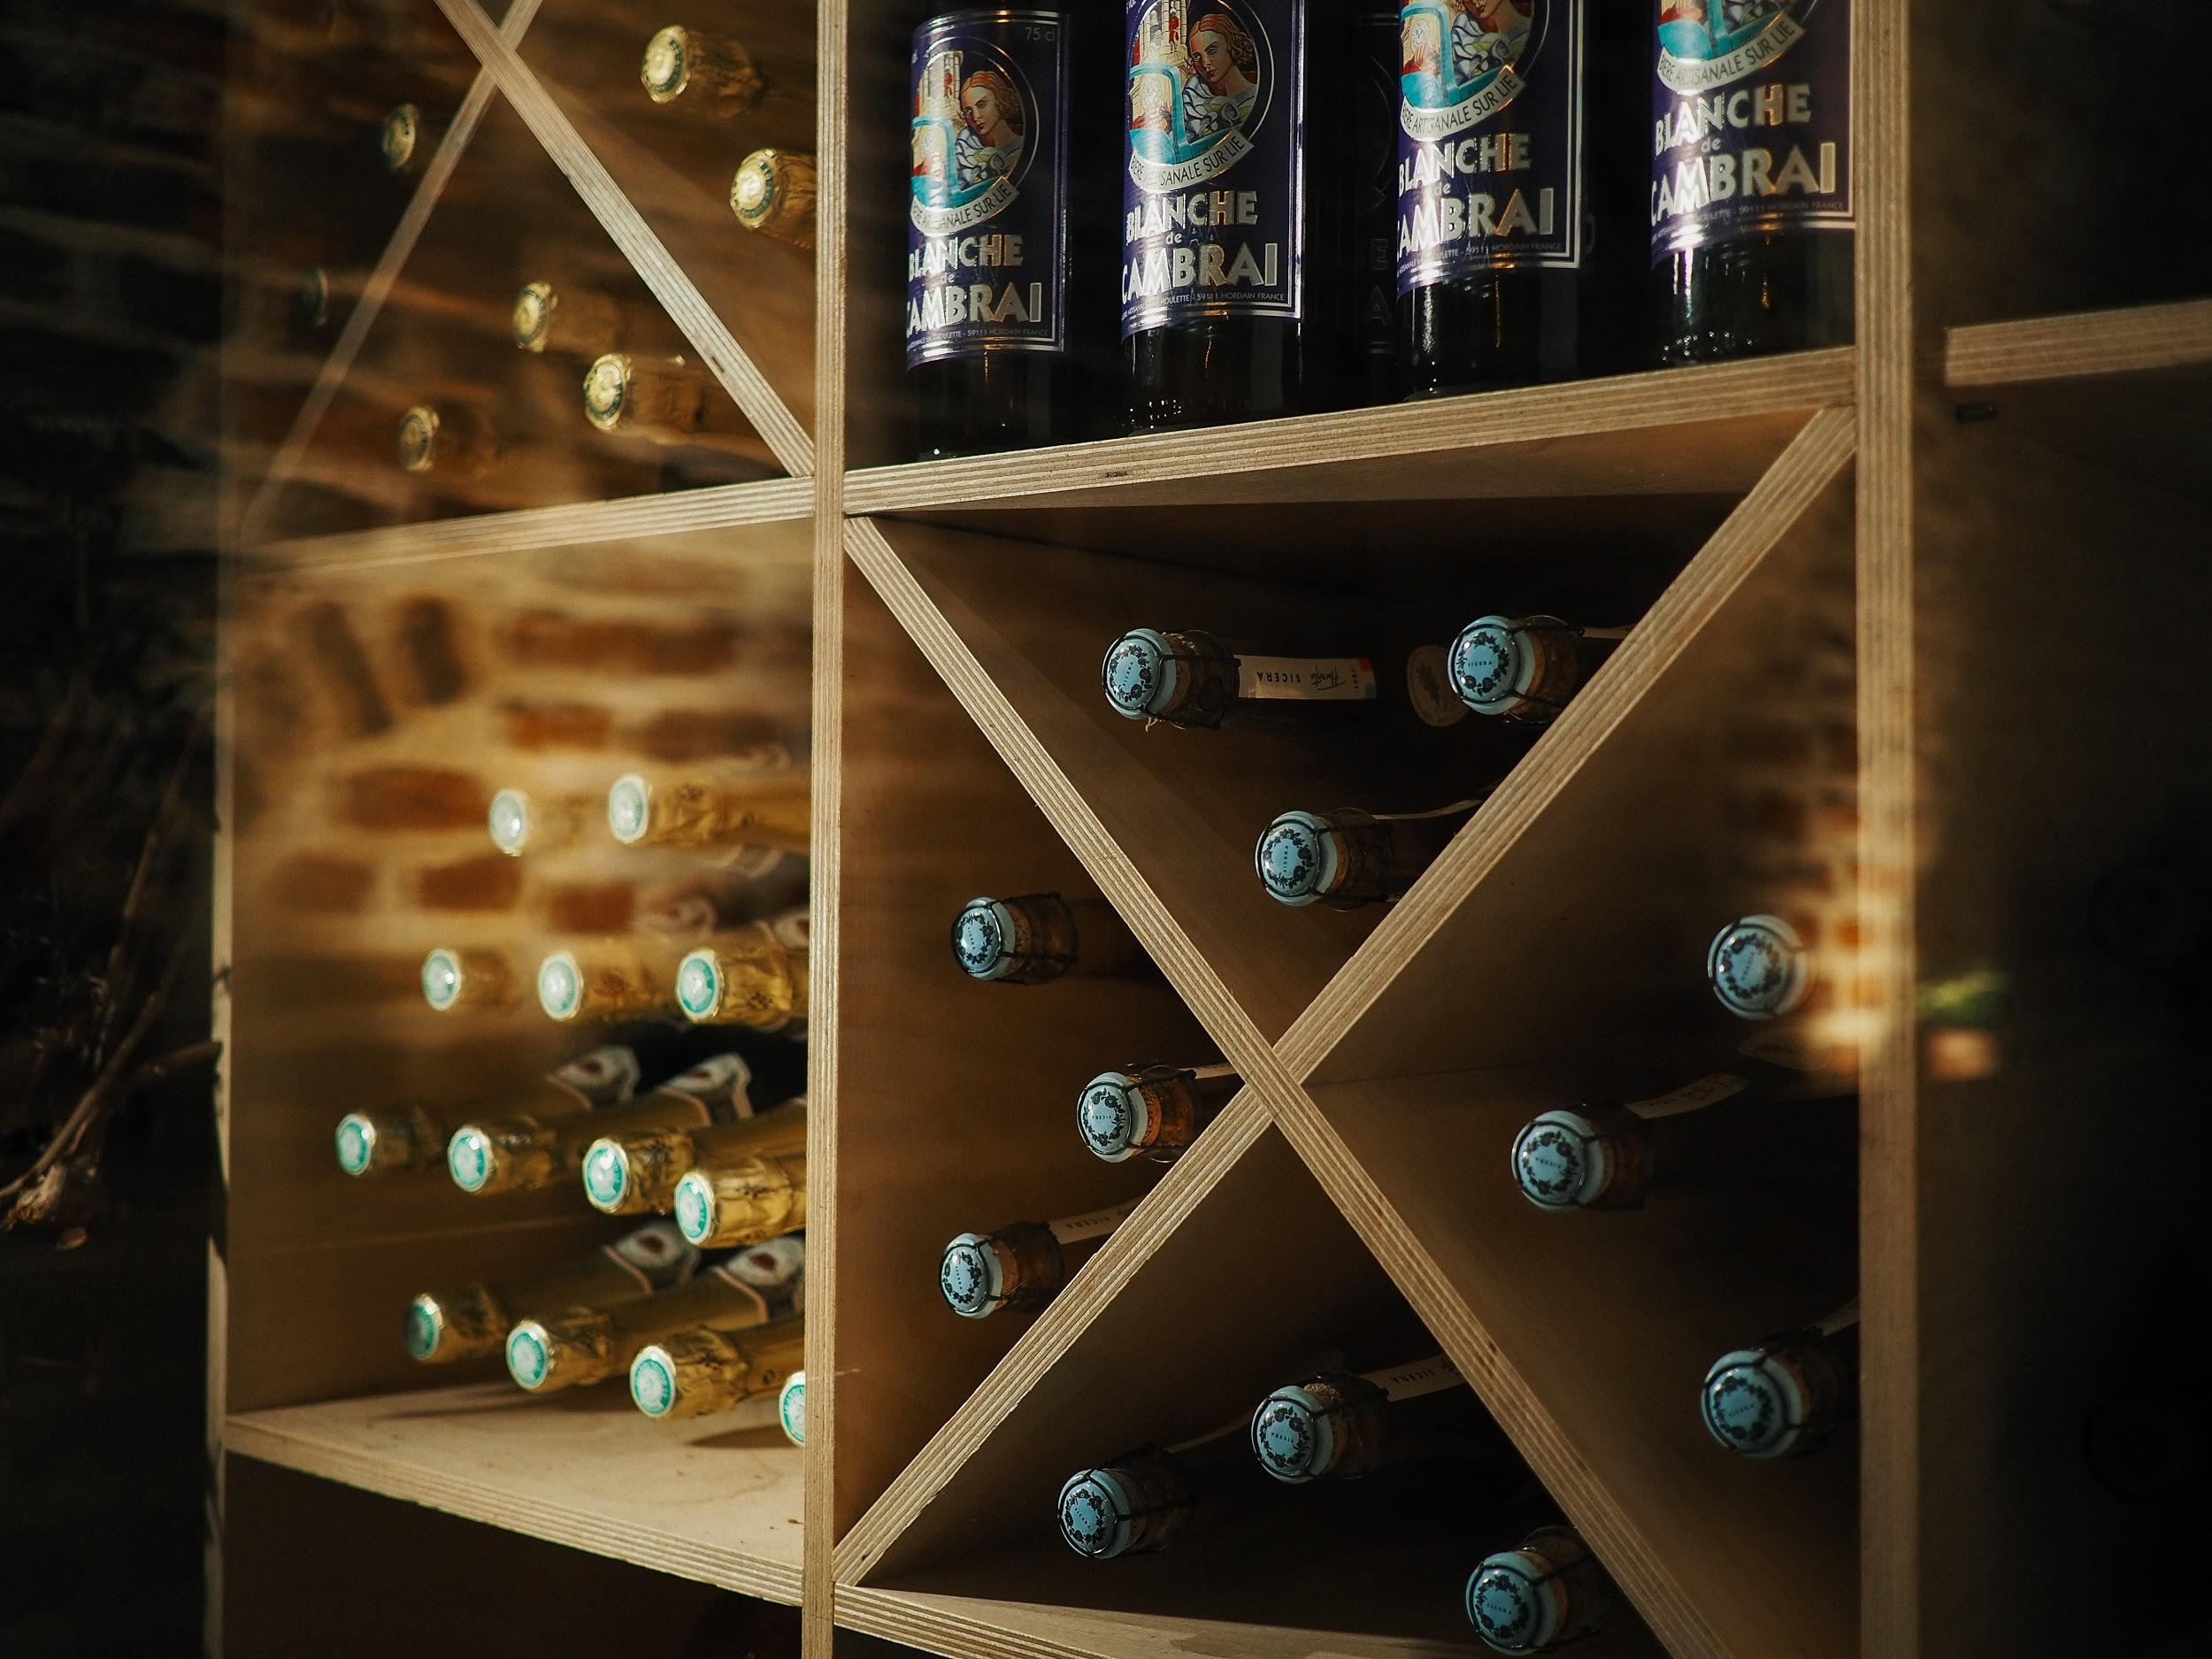 Bottles of liquor in the divider